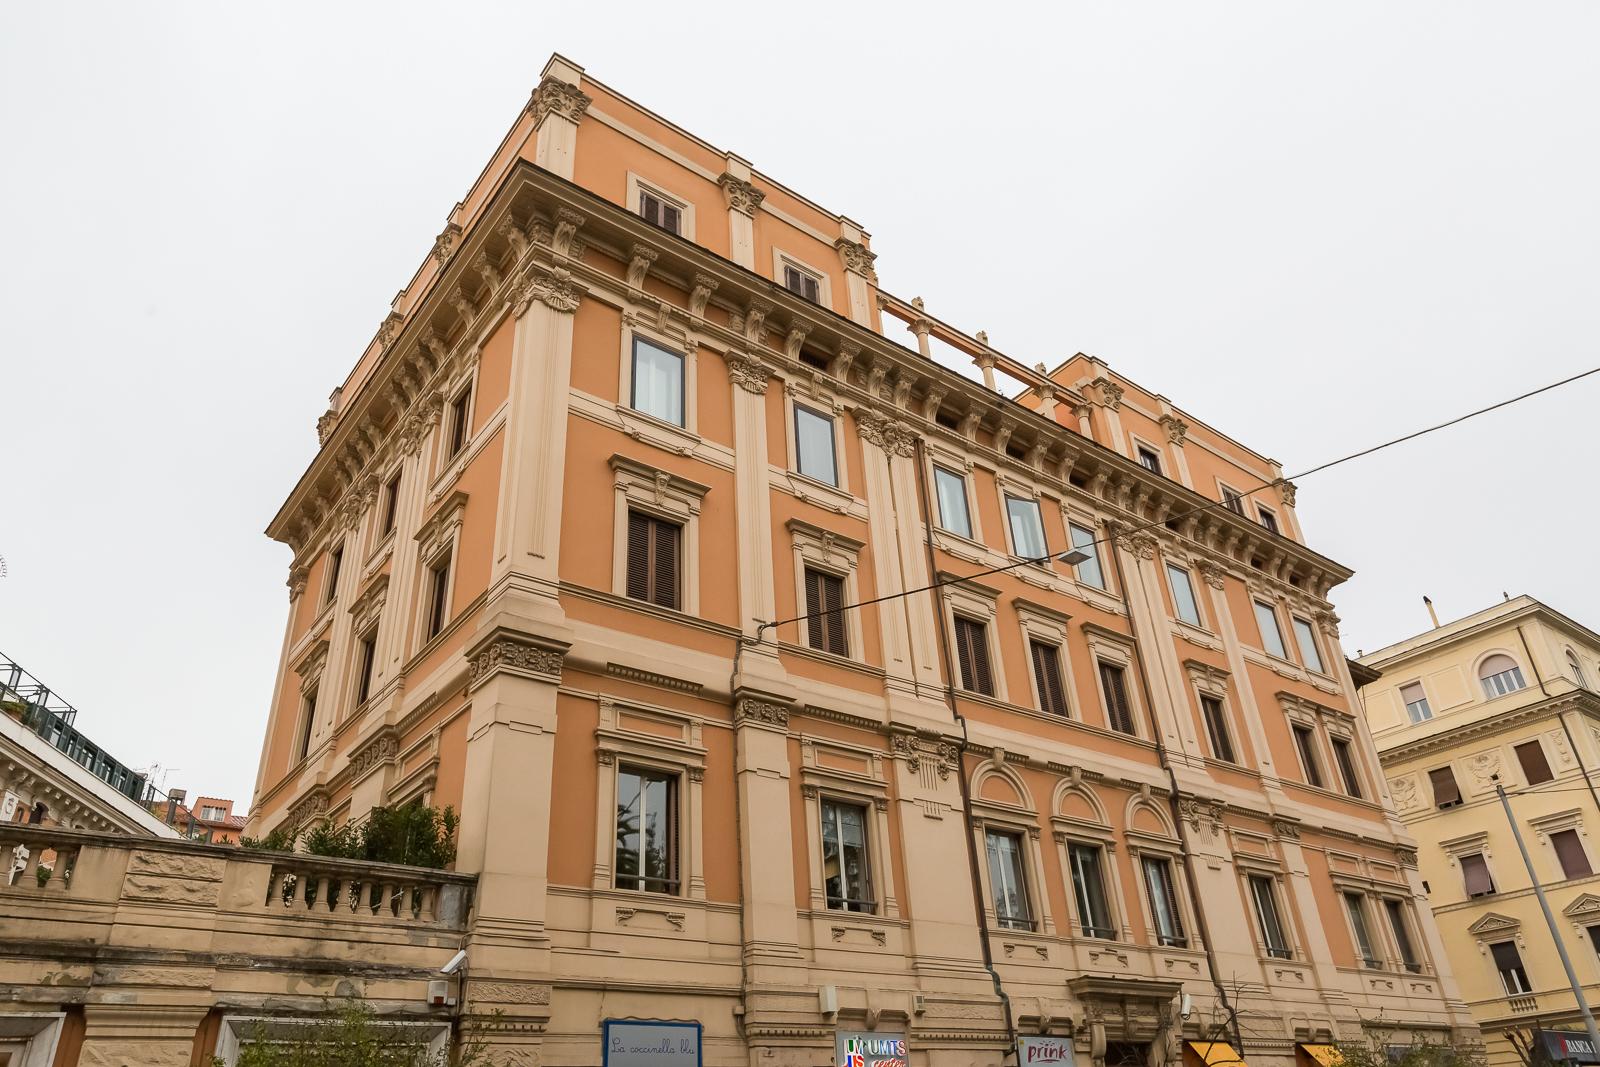 ROMA /SALARIO/ VIA PO PLURILOCALE DI ALTA RAPPRESENTANZA CON AFFACCIO ESCLUSIVO